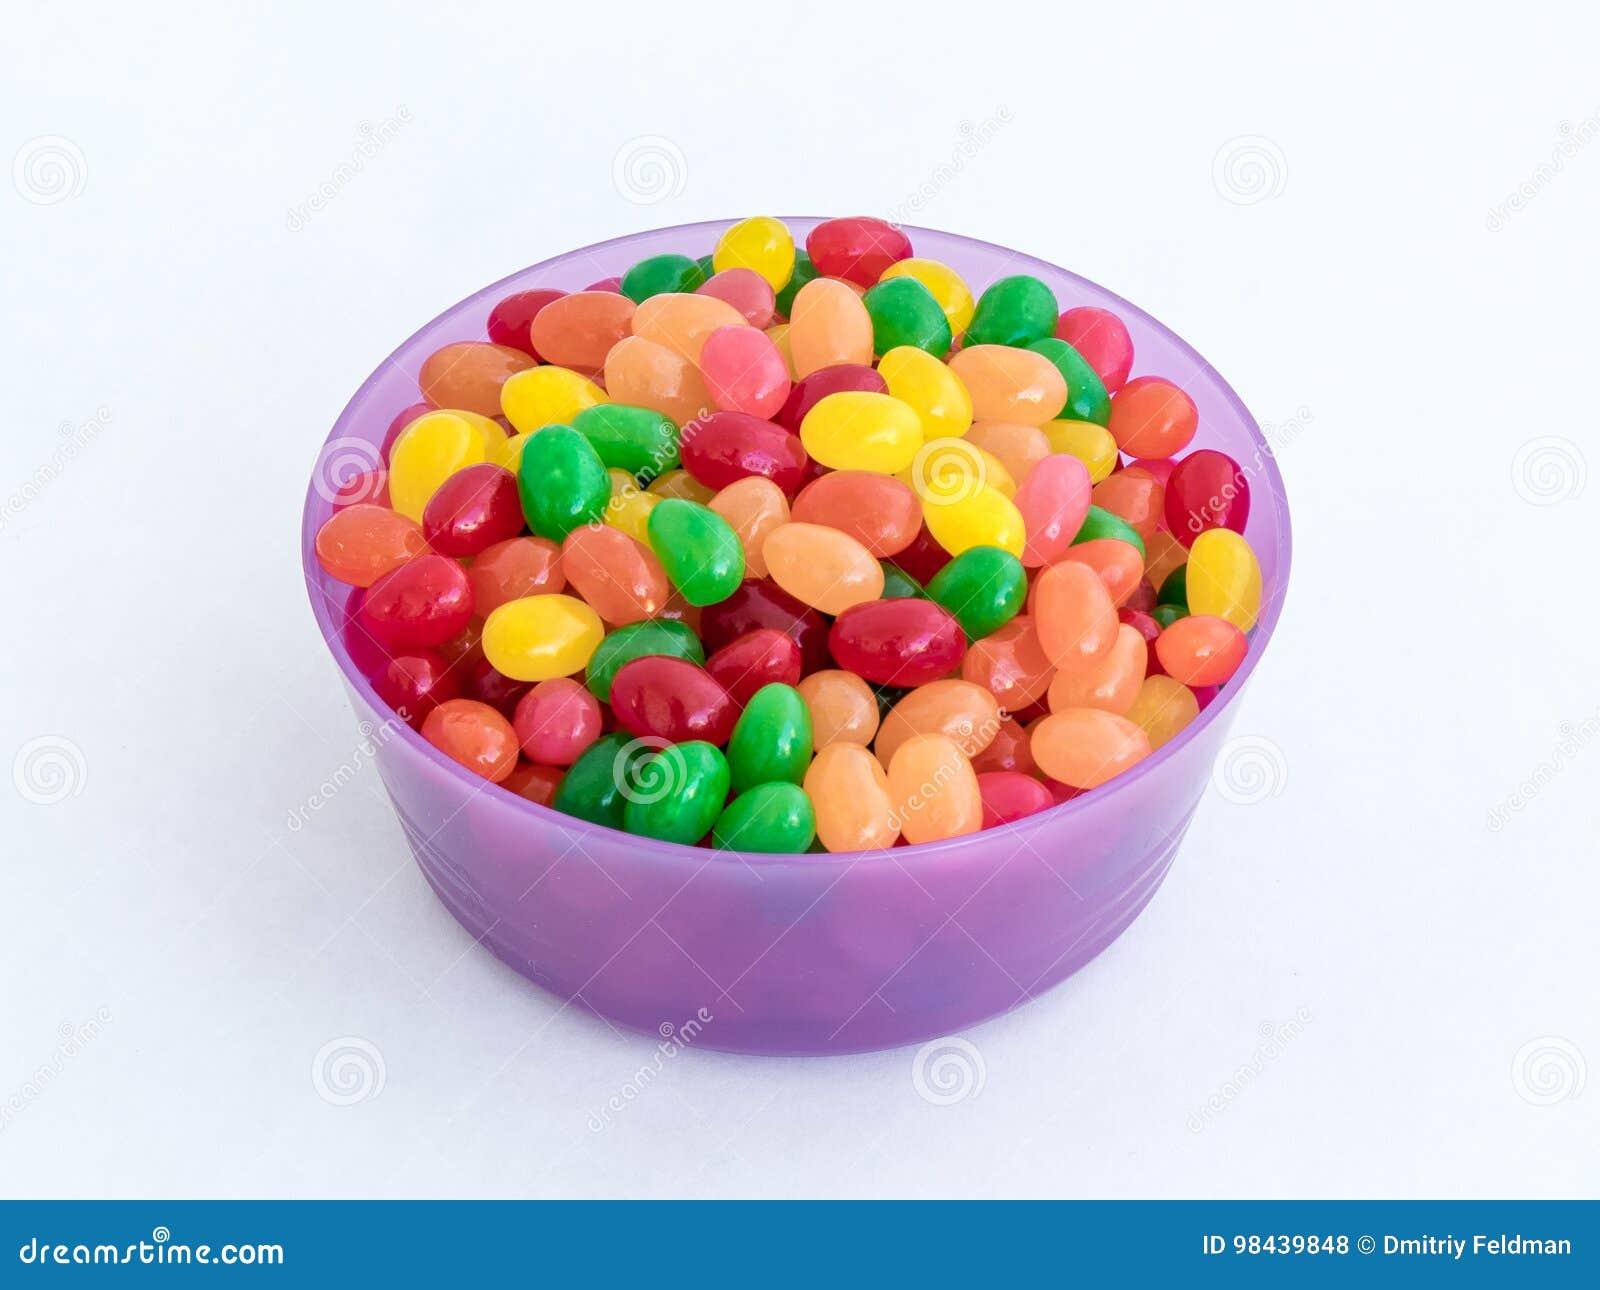 Violette plastic ronde middelgrote groottekom voor losse die producten met gekleurde kleine die snoepjes worden gevuld op een wit